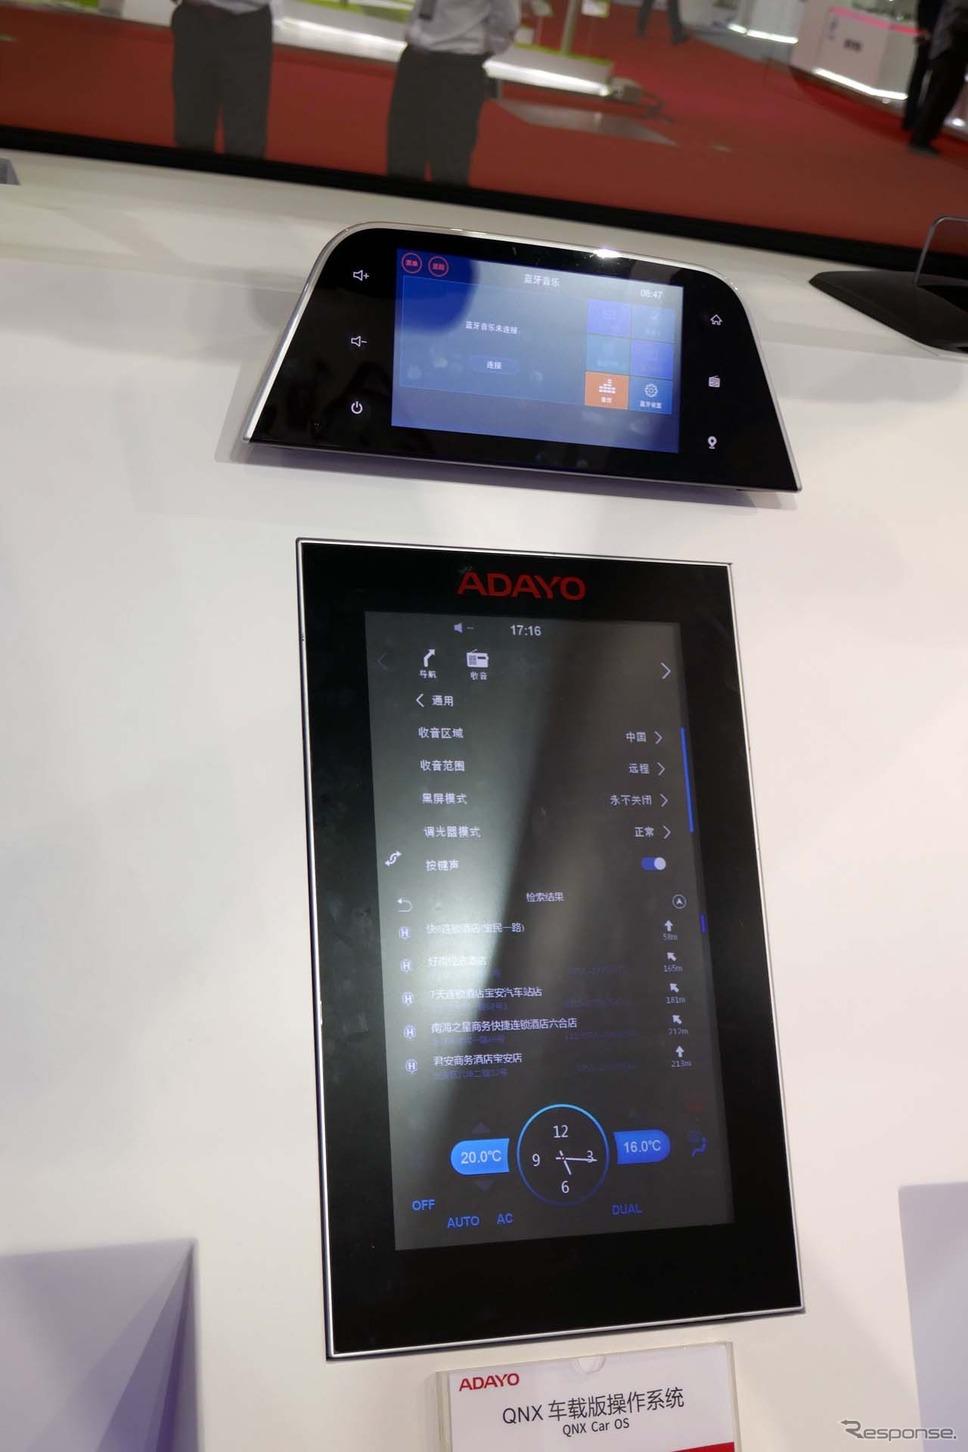 大型ディスプレイはOSをQNX として駆動し、ほとんどの車内情報をコントロールできる